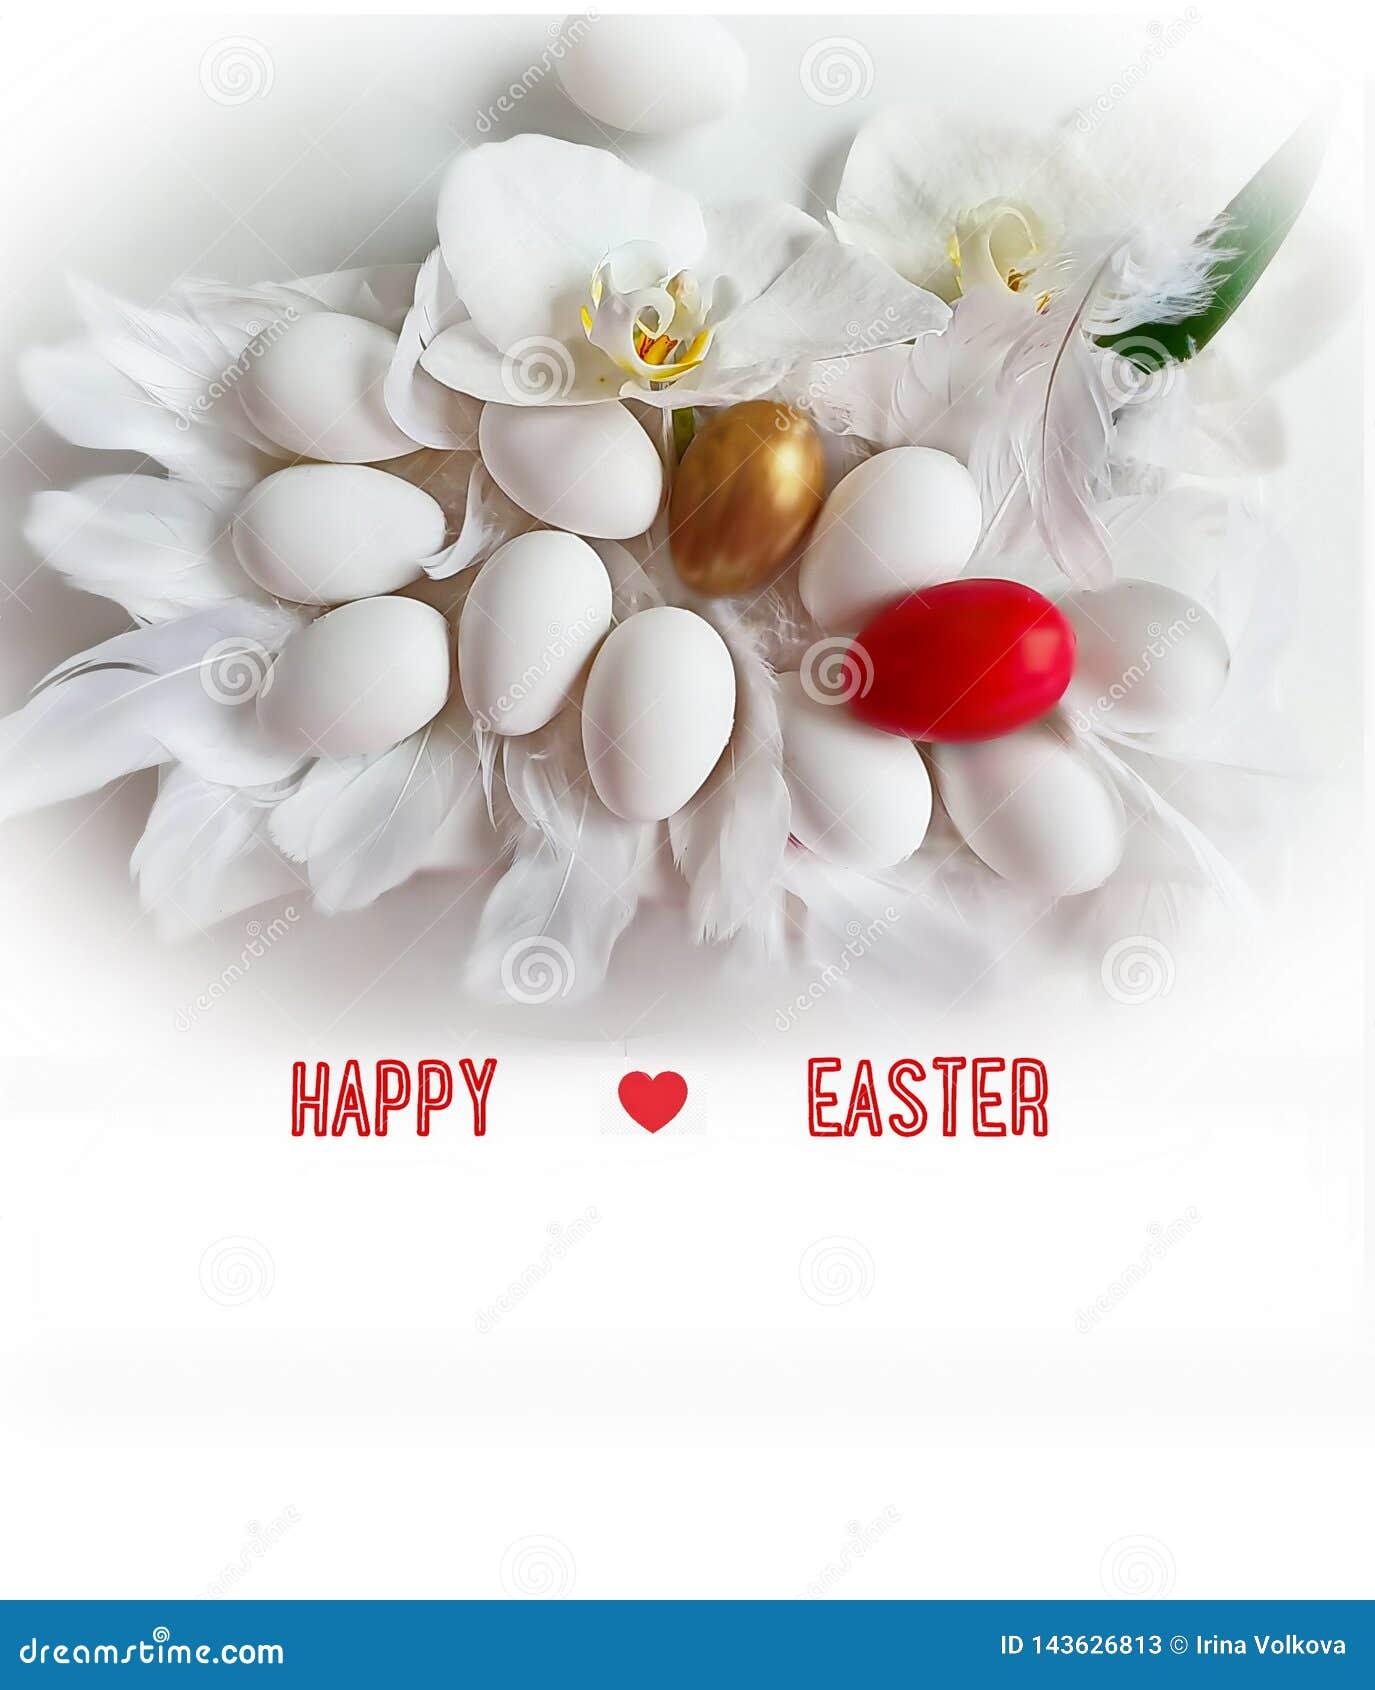 Do fundo feliz da Páscoa da orquídea dos ovos e das flores ilustração amarela vermelha do projeto do feriado do tema da Páscoa da